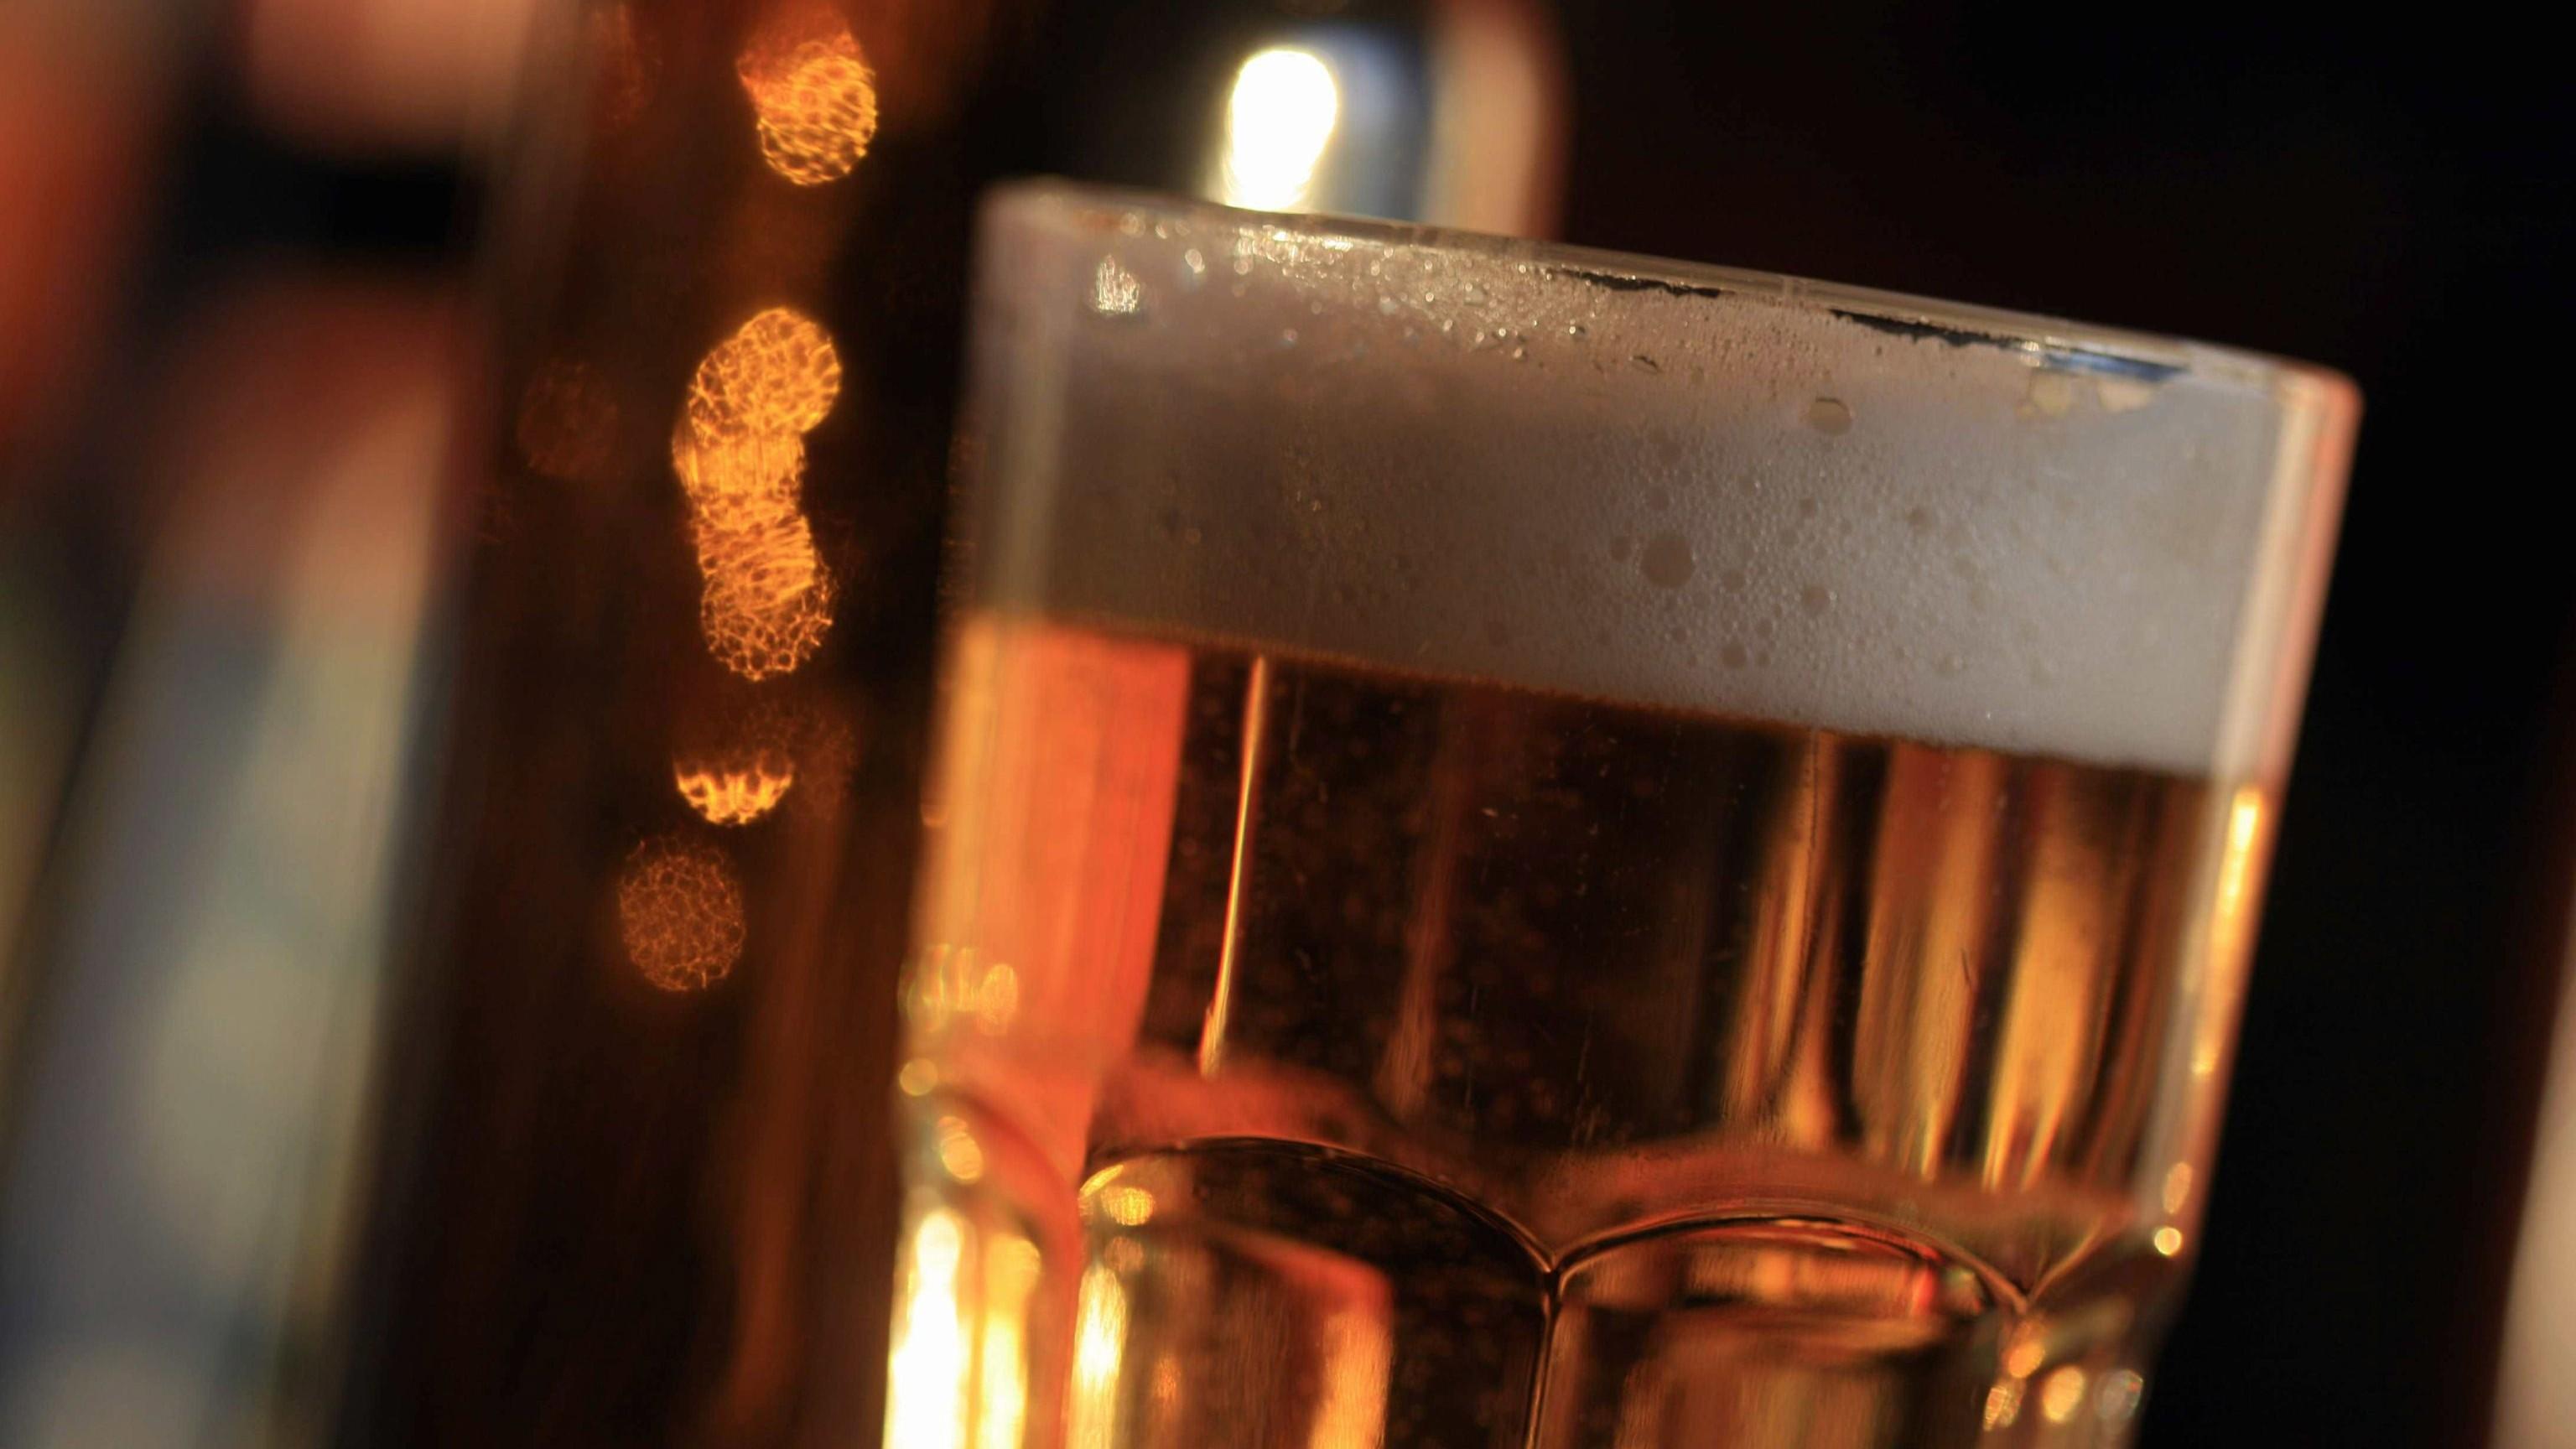 Stock image of beer. LEHTIKUVA/Jussi Nukari